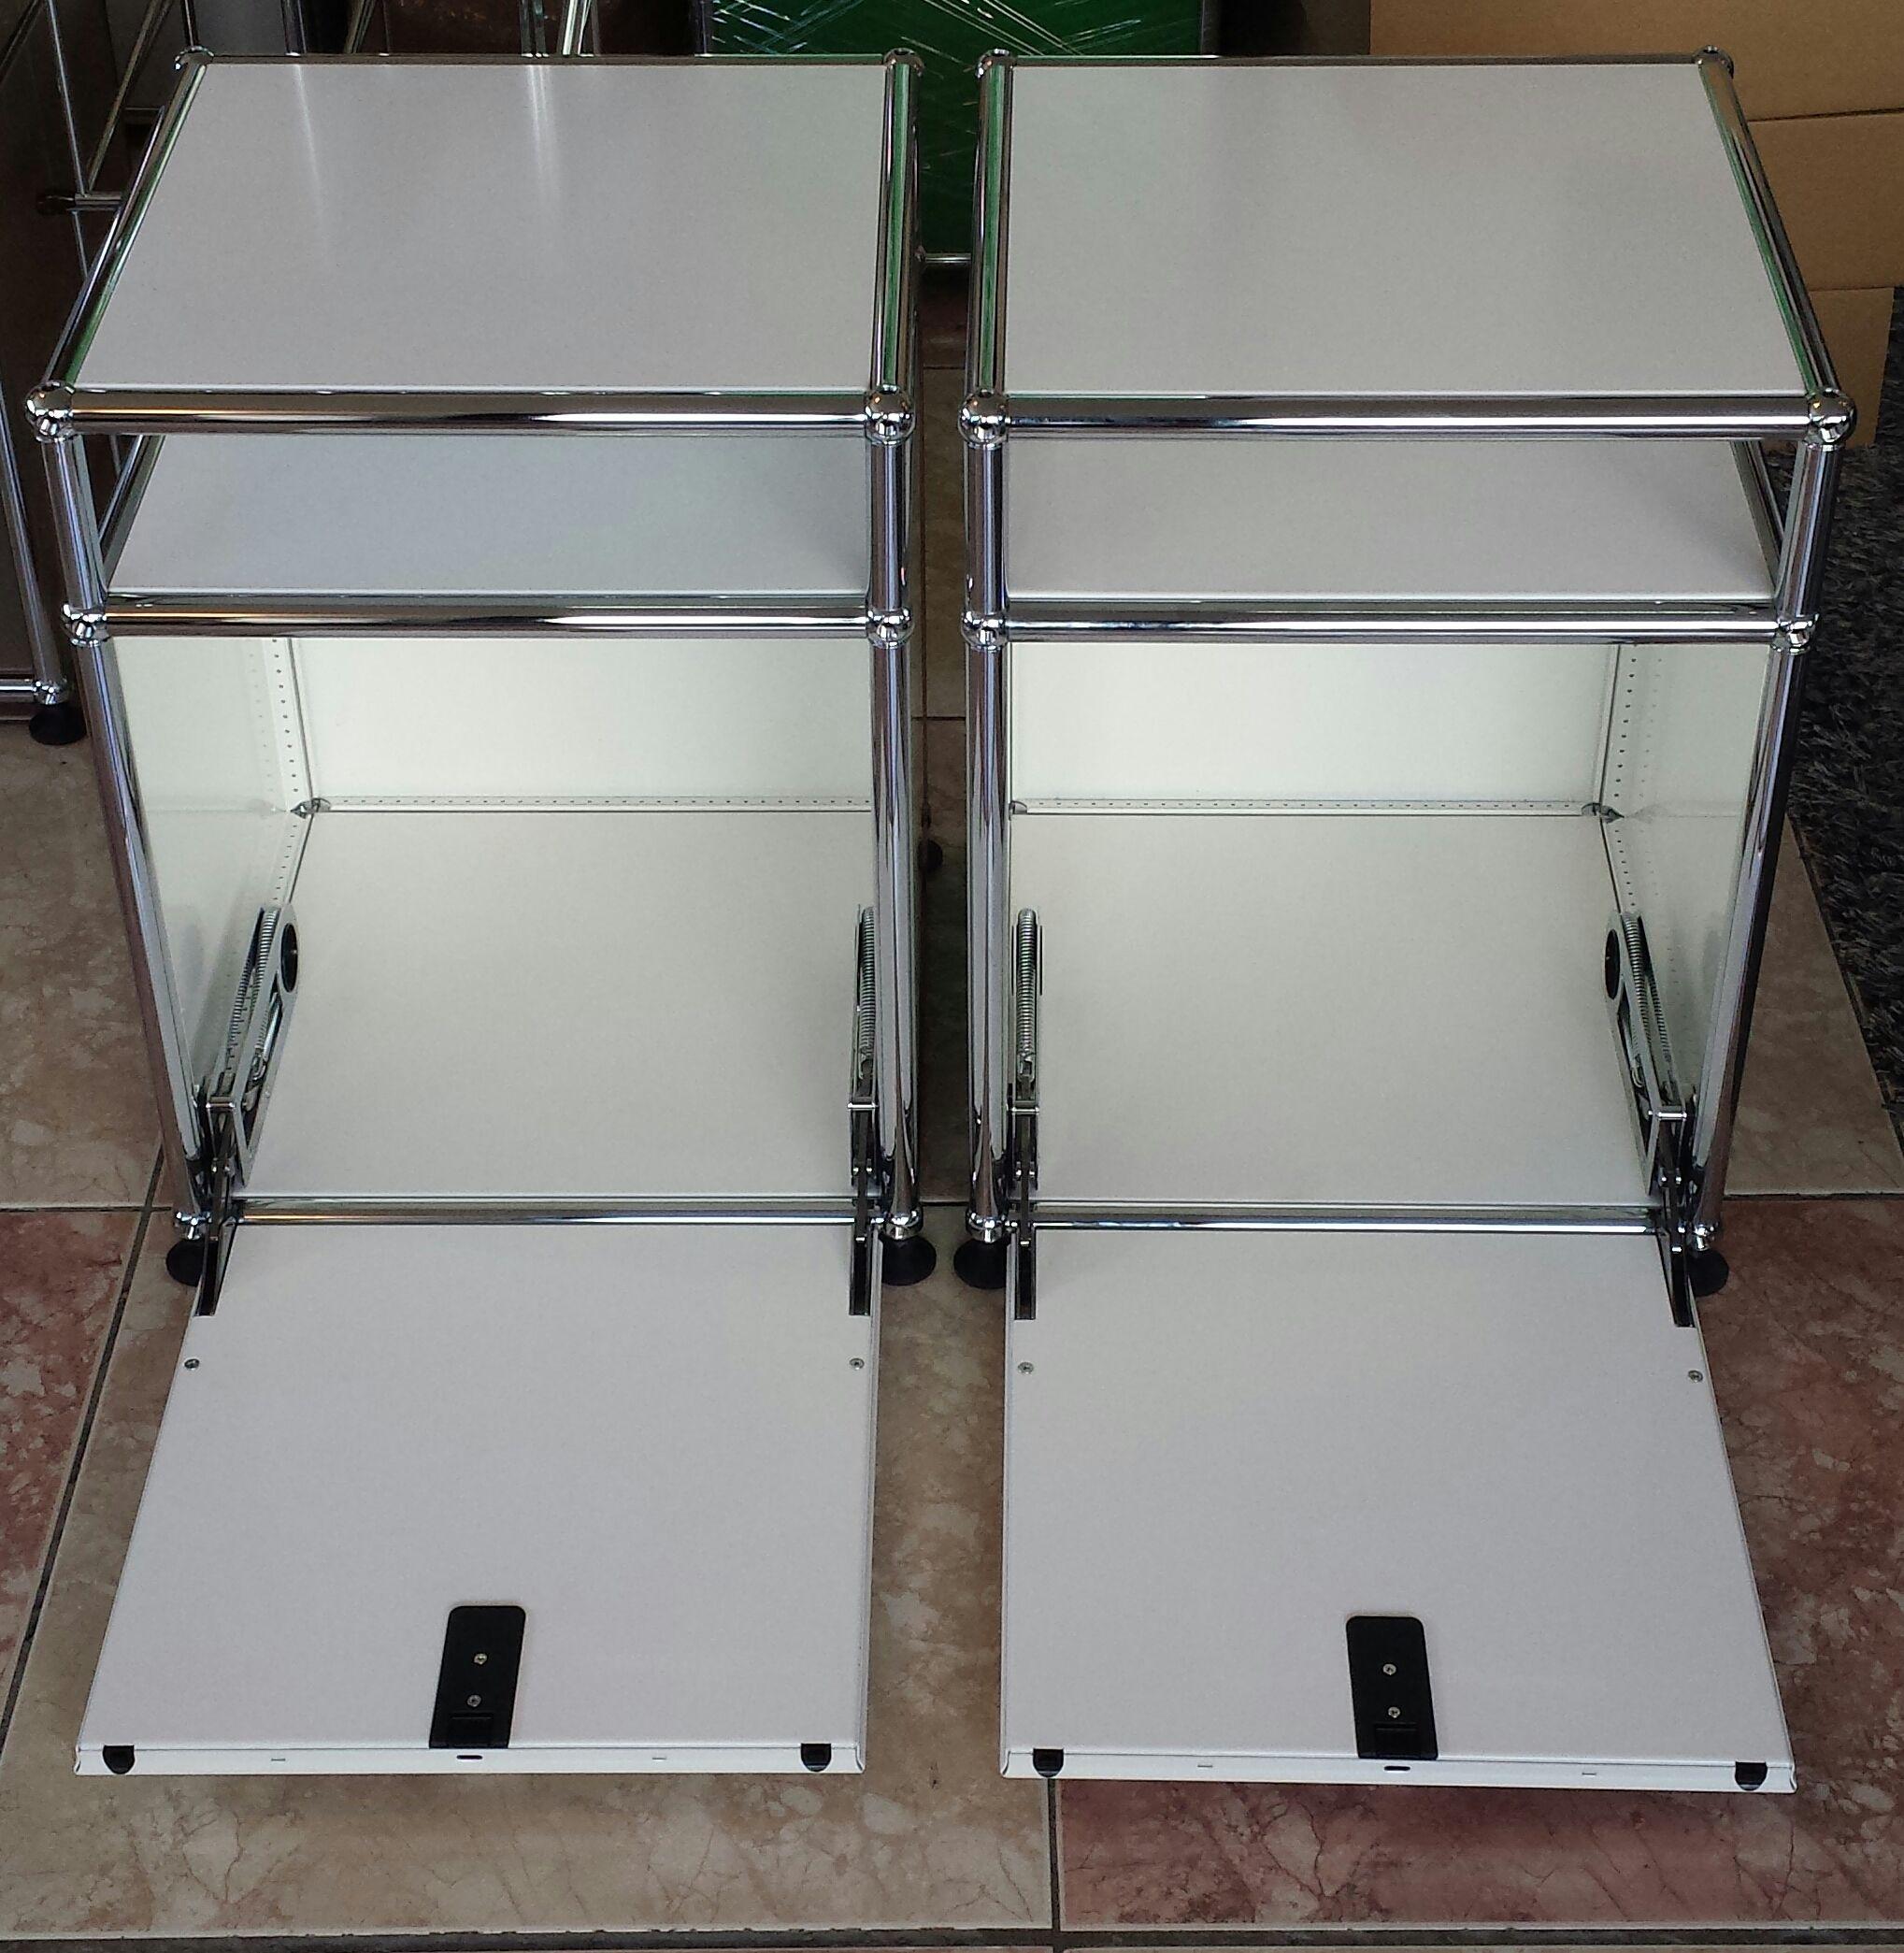 Petite table de chevet usm haller couleur blanche 530 Provins (77)